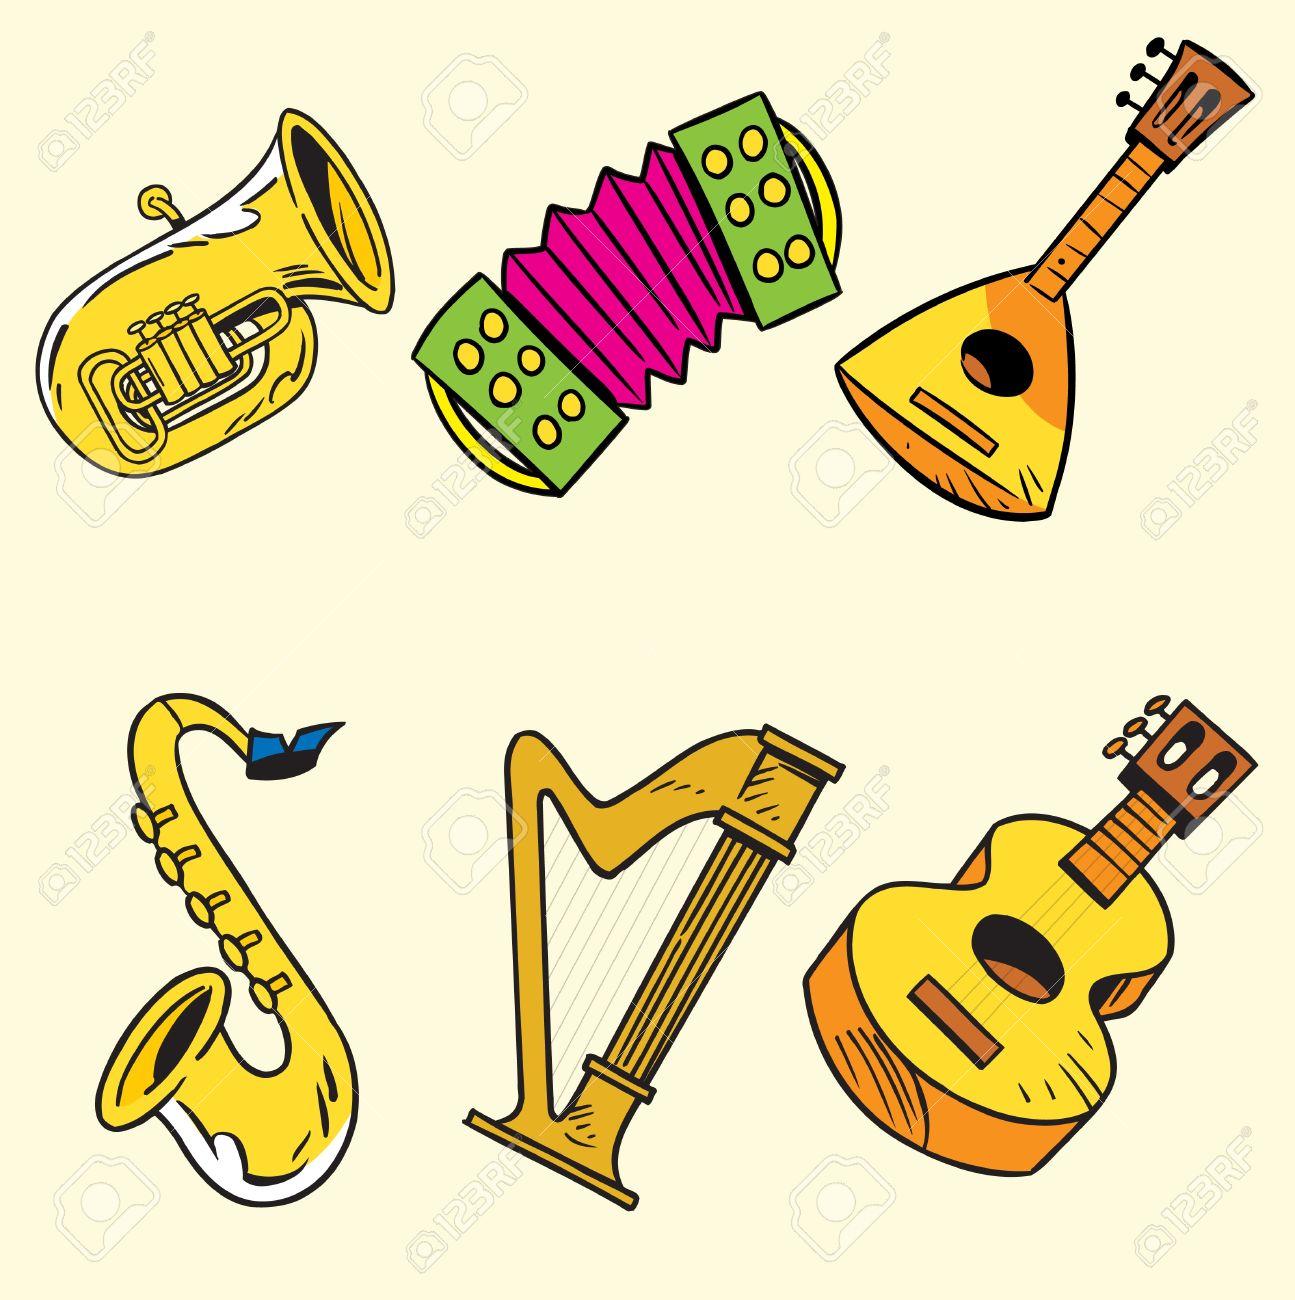 d559e91a988b Foto de archivo - La ilustración muestra algunos instrumentos musicales de  cuerda y viento. Ilustración realizada en capas separadas en un estilo de  dibujos ...